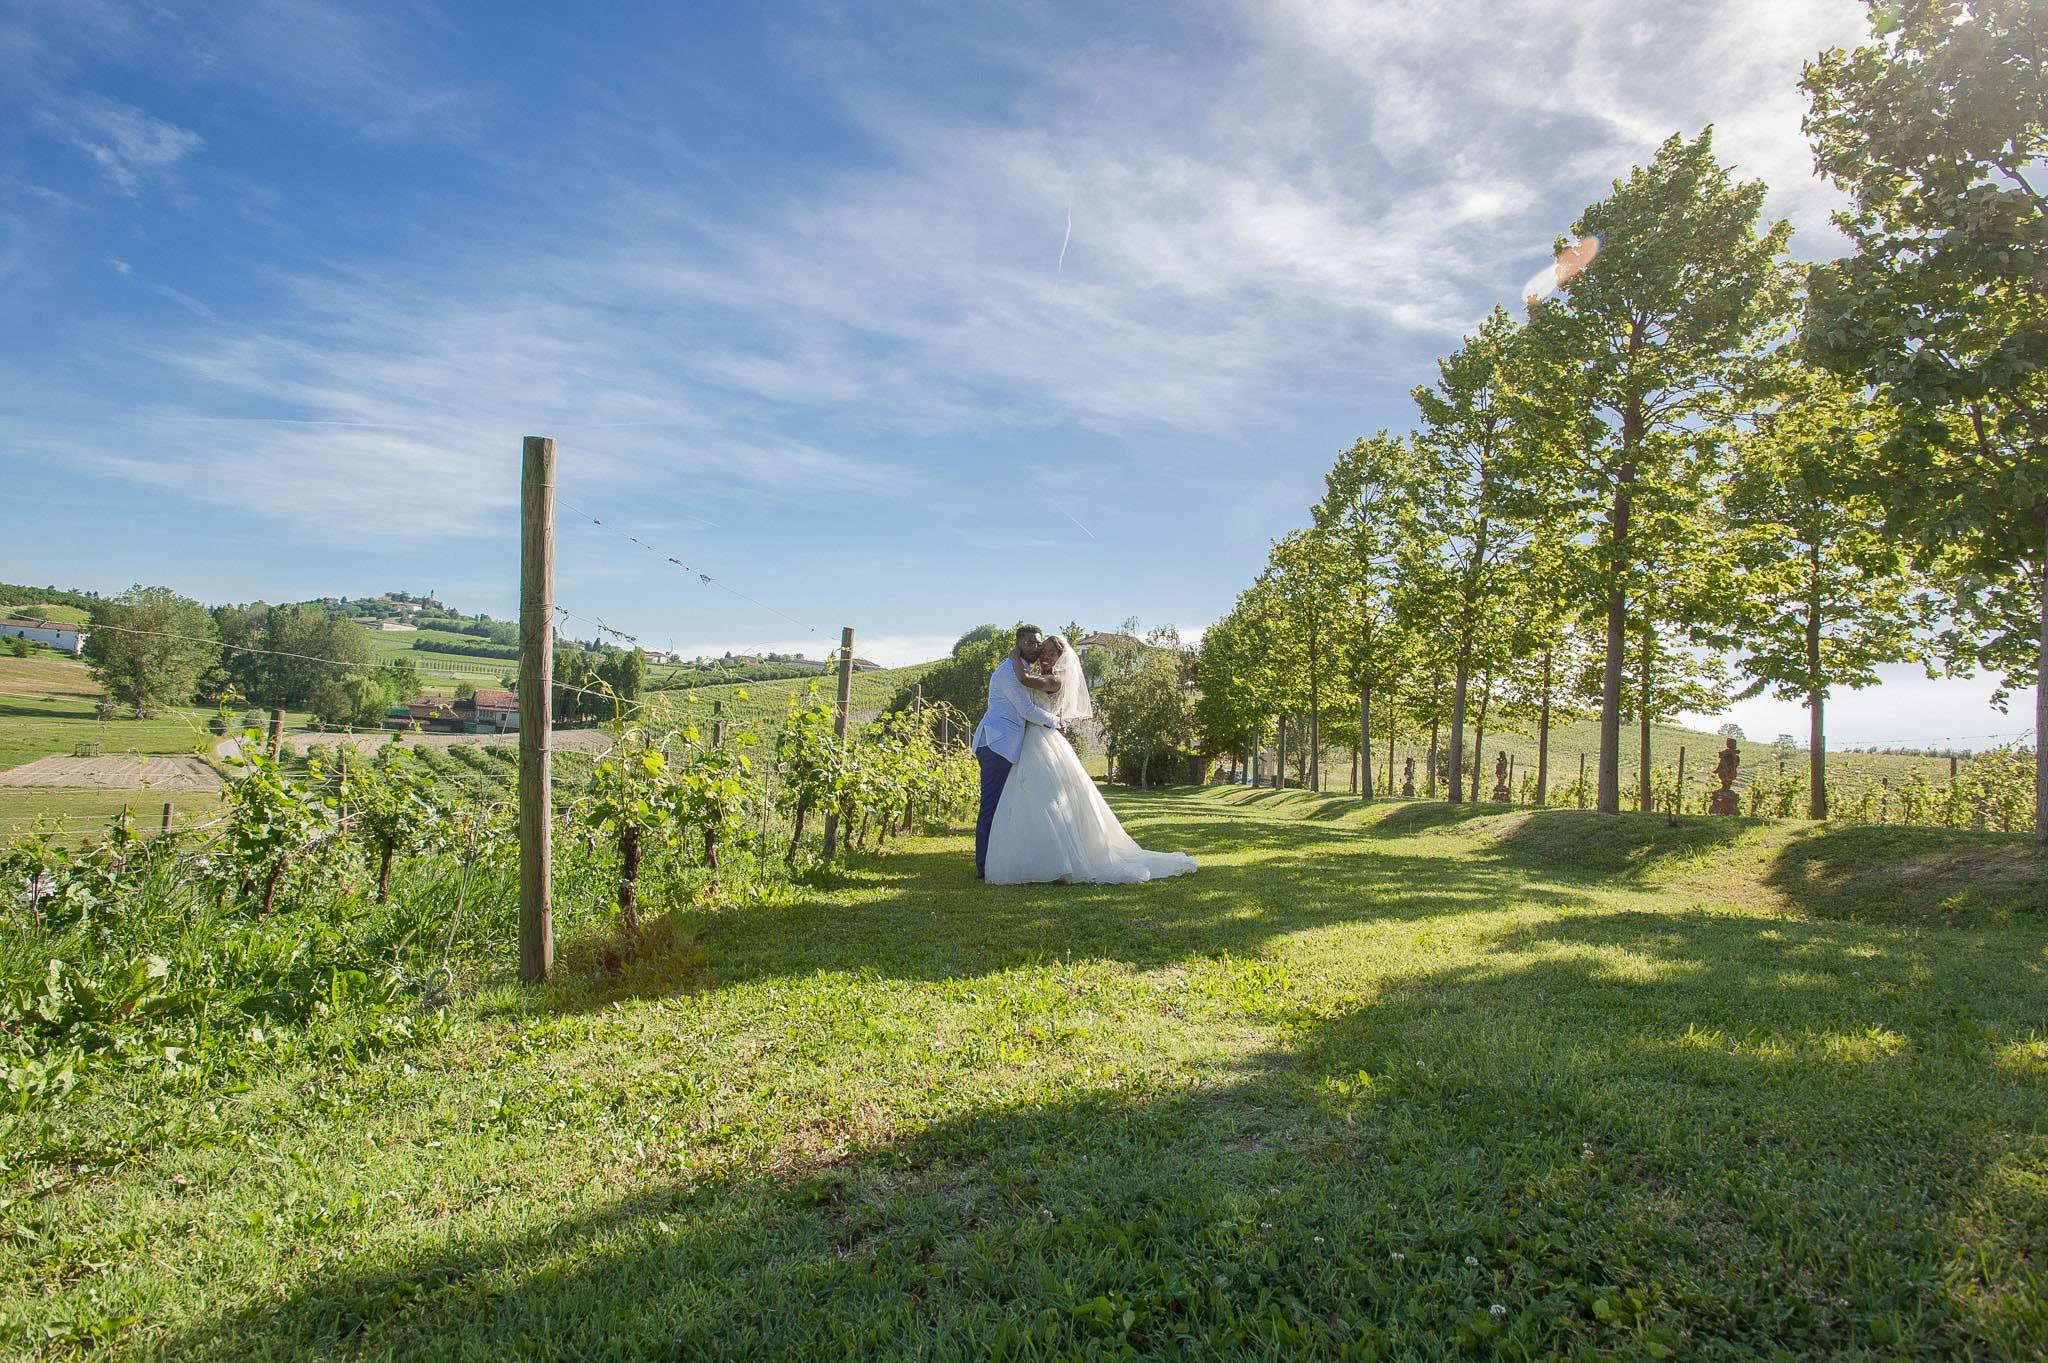 Matrimonio Nel Monferrato Dionne Dale - Wdding Matrimono Emanuele Tibaldi Fotografo 24 - Matrimonio-nelle-colline-Piemontesi - Matrimonio-nelle-colline-Piemontesi